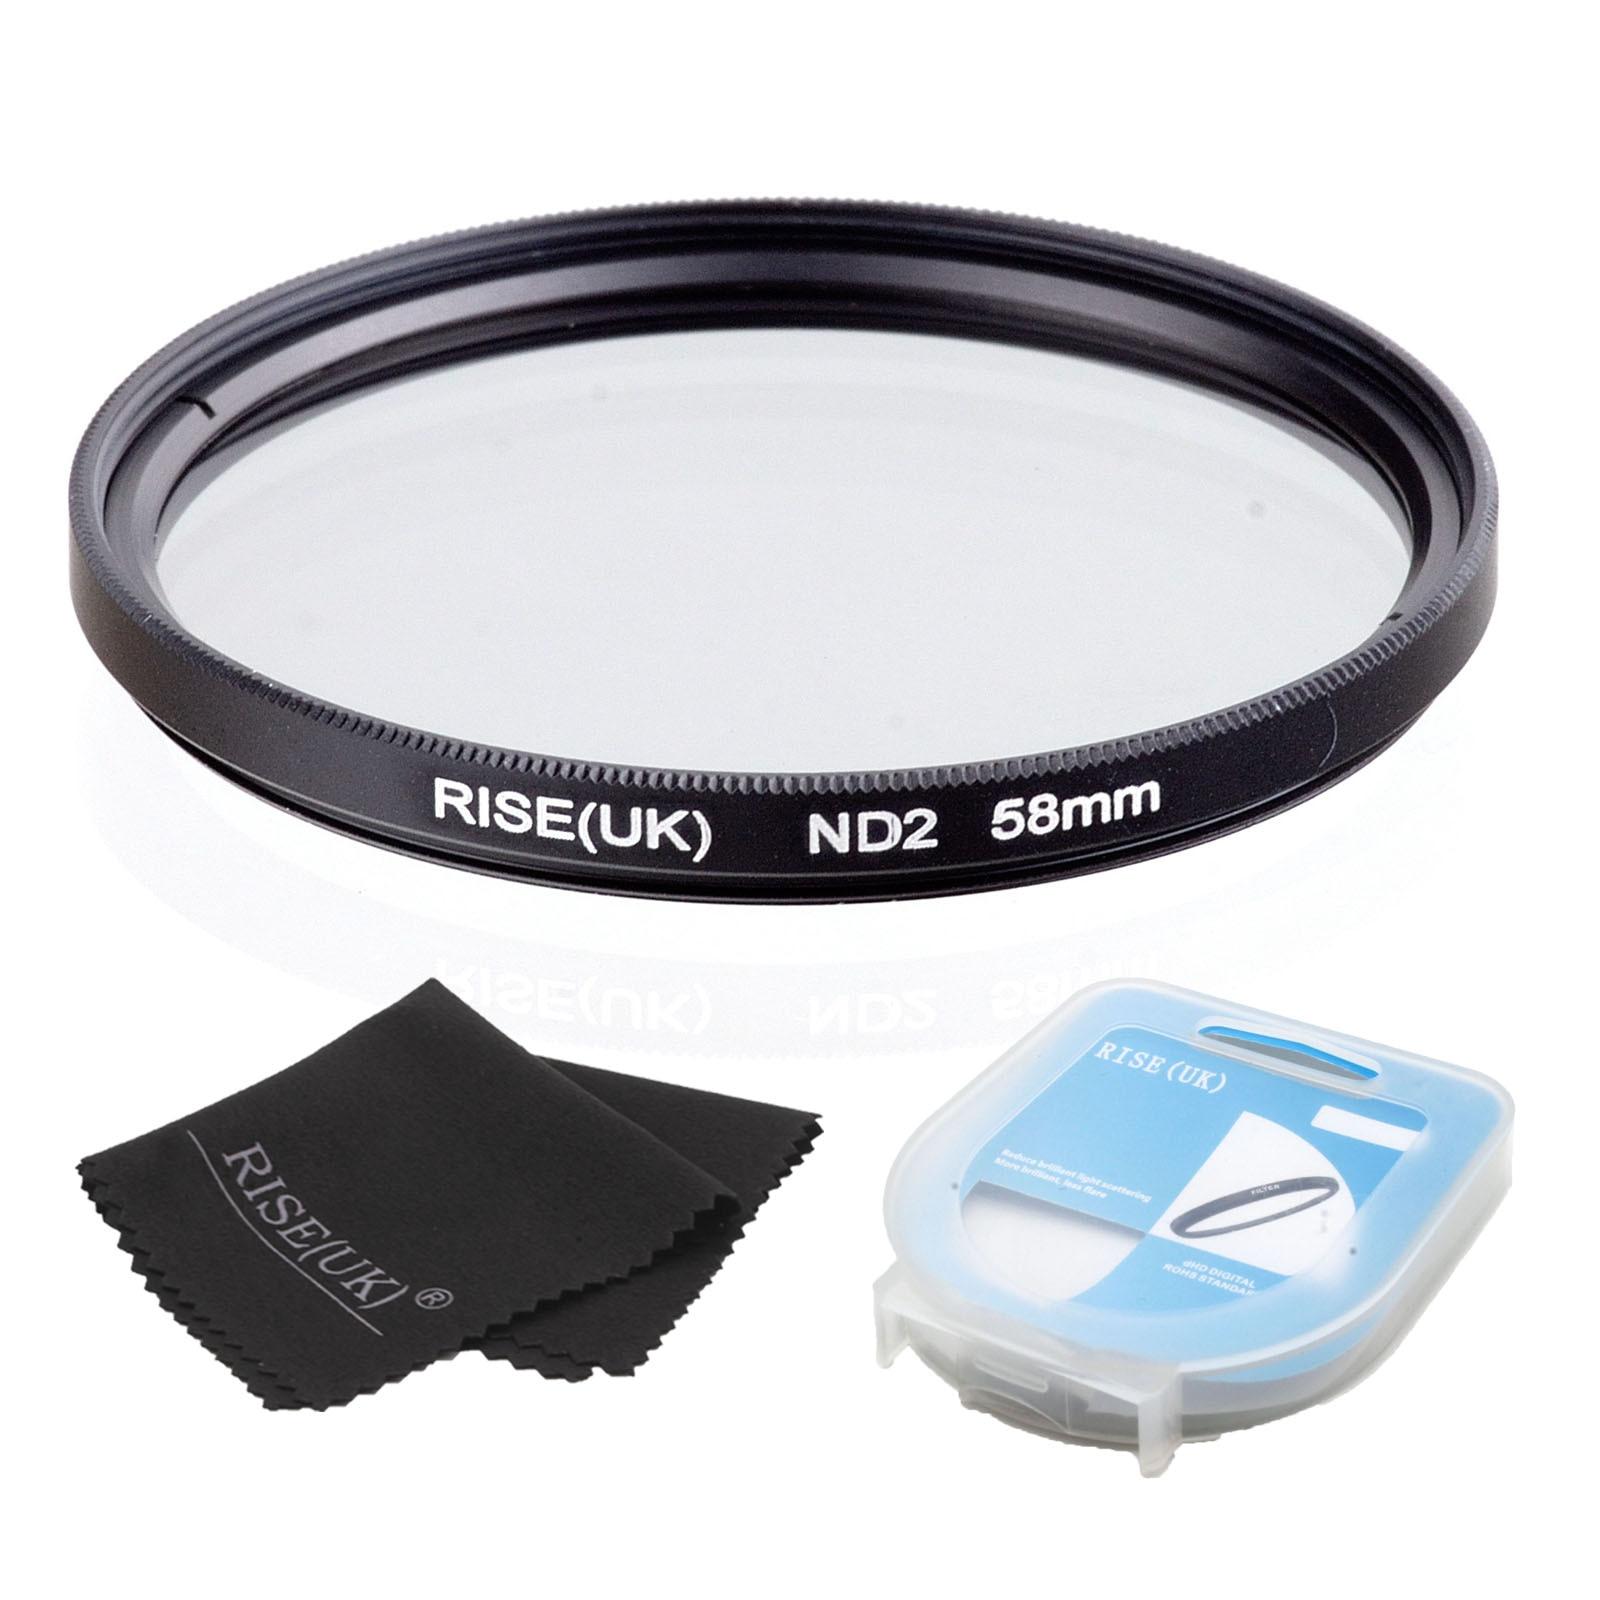 ツ)_/¯Rise (UK) 58mm densidad neutra ND2 filtro para toda la lente ...